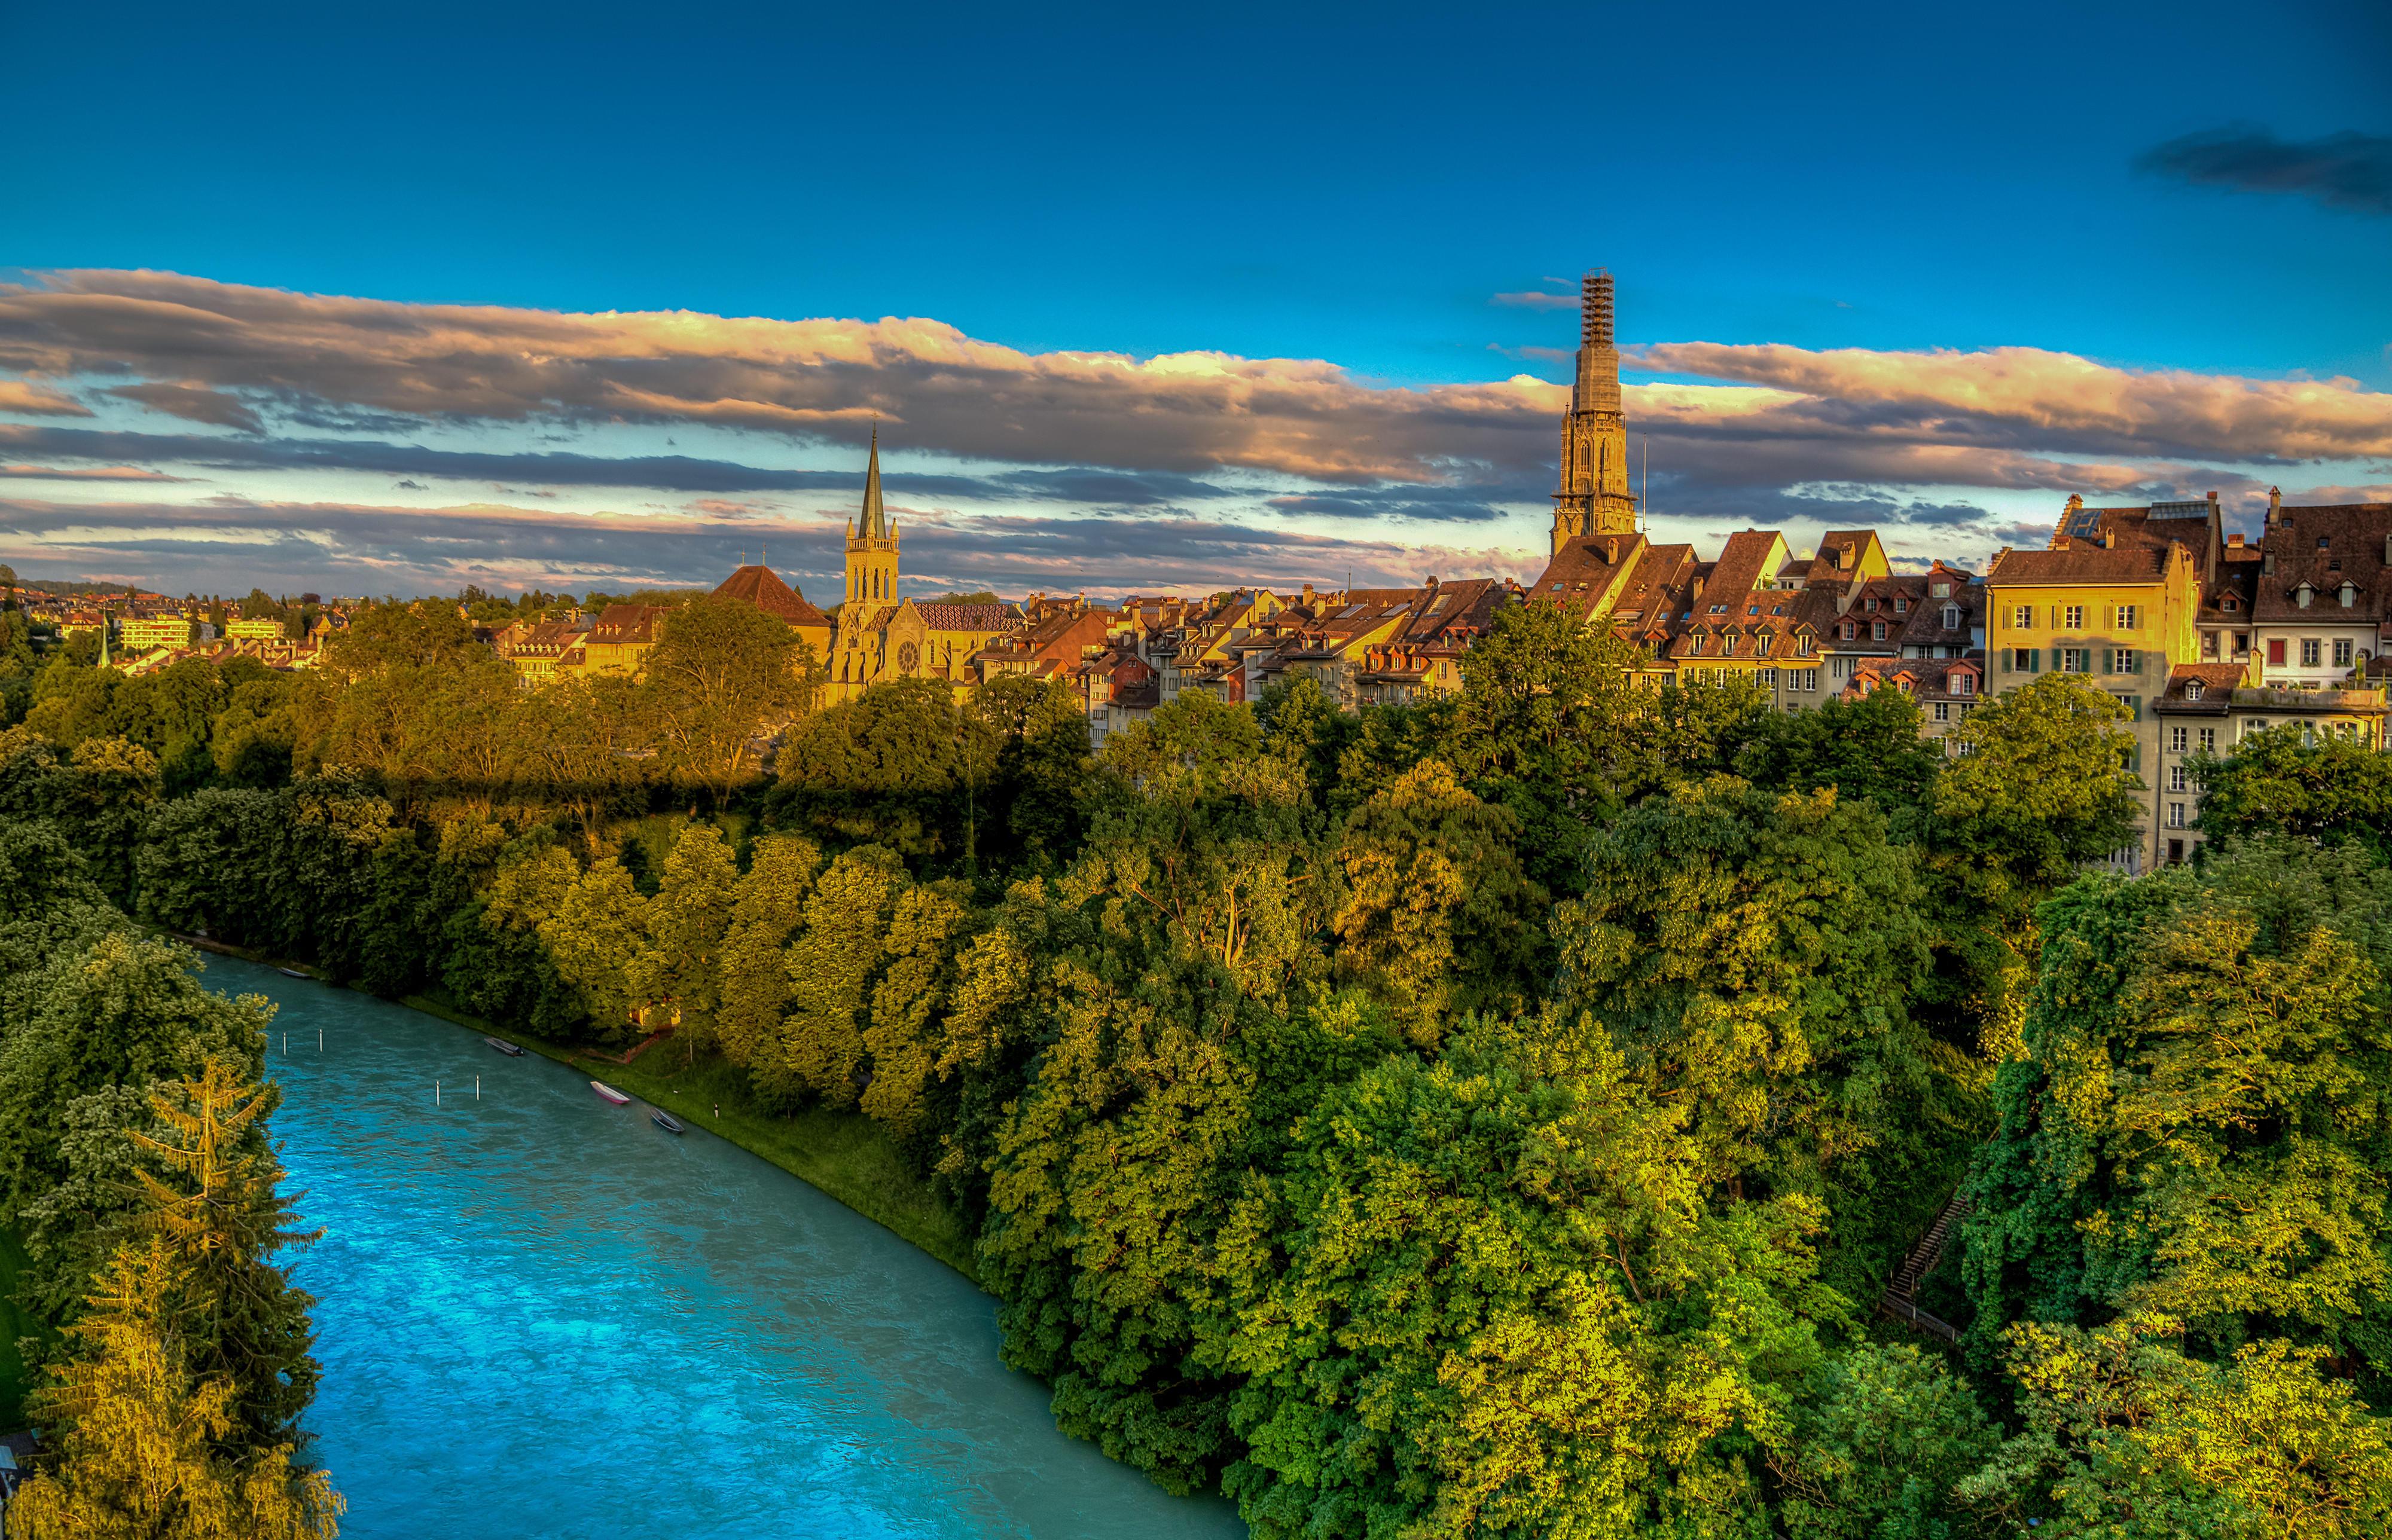 обои Швейцария, Берн, Церковь Св Петра и Св Павла, Река Ааре картинки фото